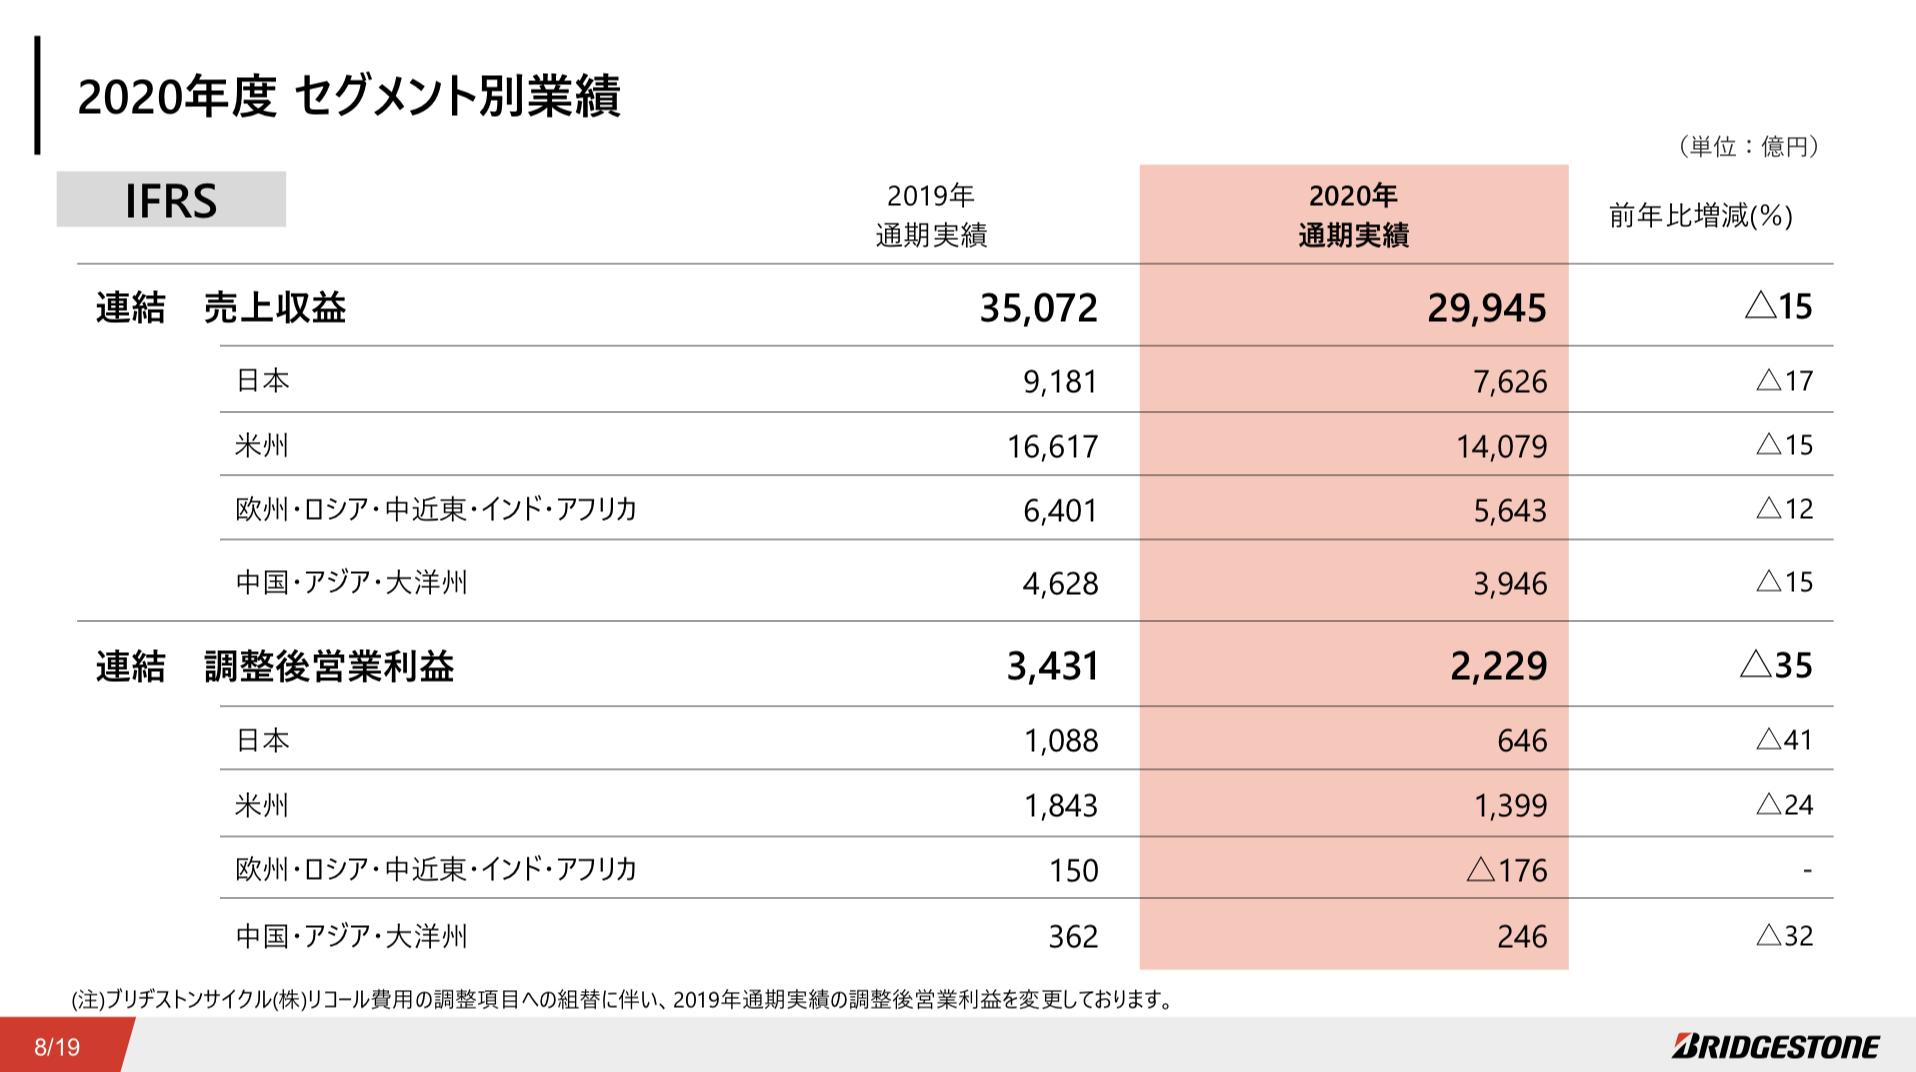 株式会社ブリヂストン 2020年 決算説明会